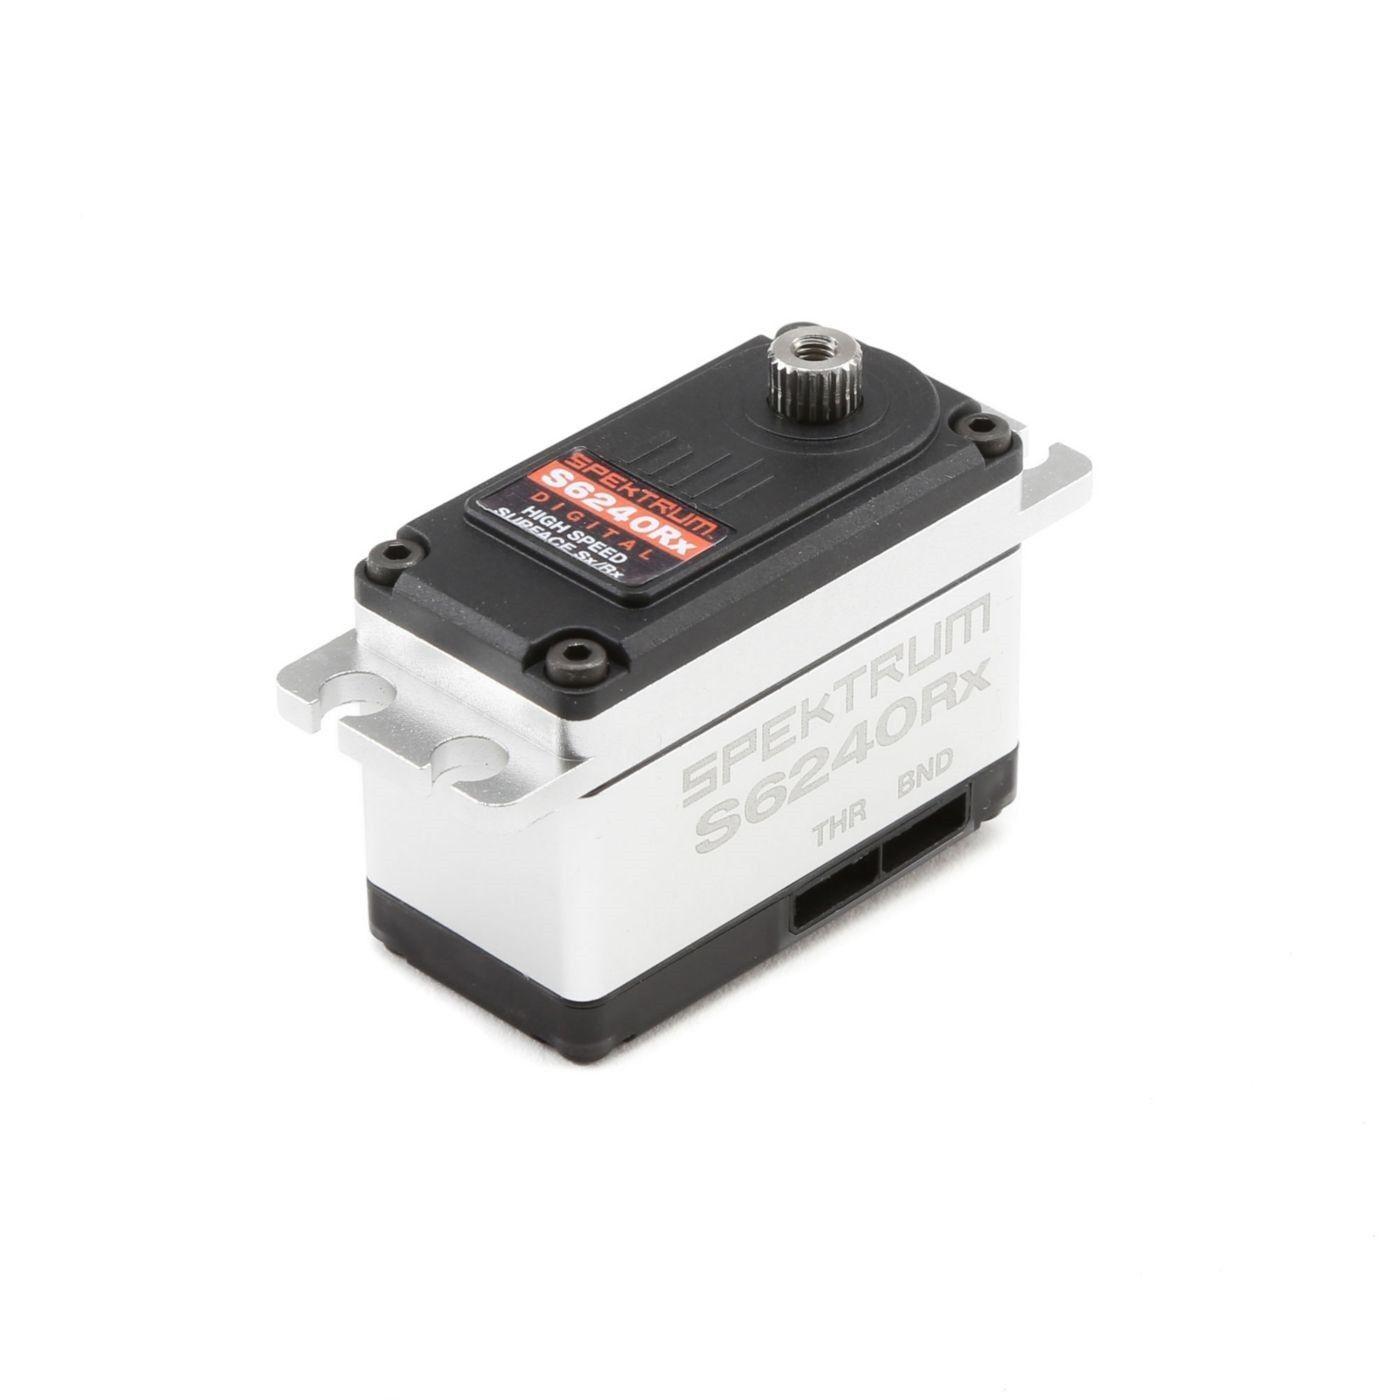 Spektrum S6240RX High Speed Digital Servo with DSMR Receiver - SPMSS6240RX